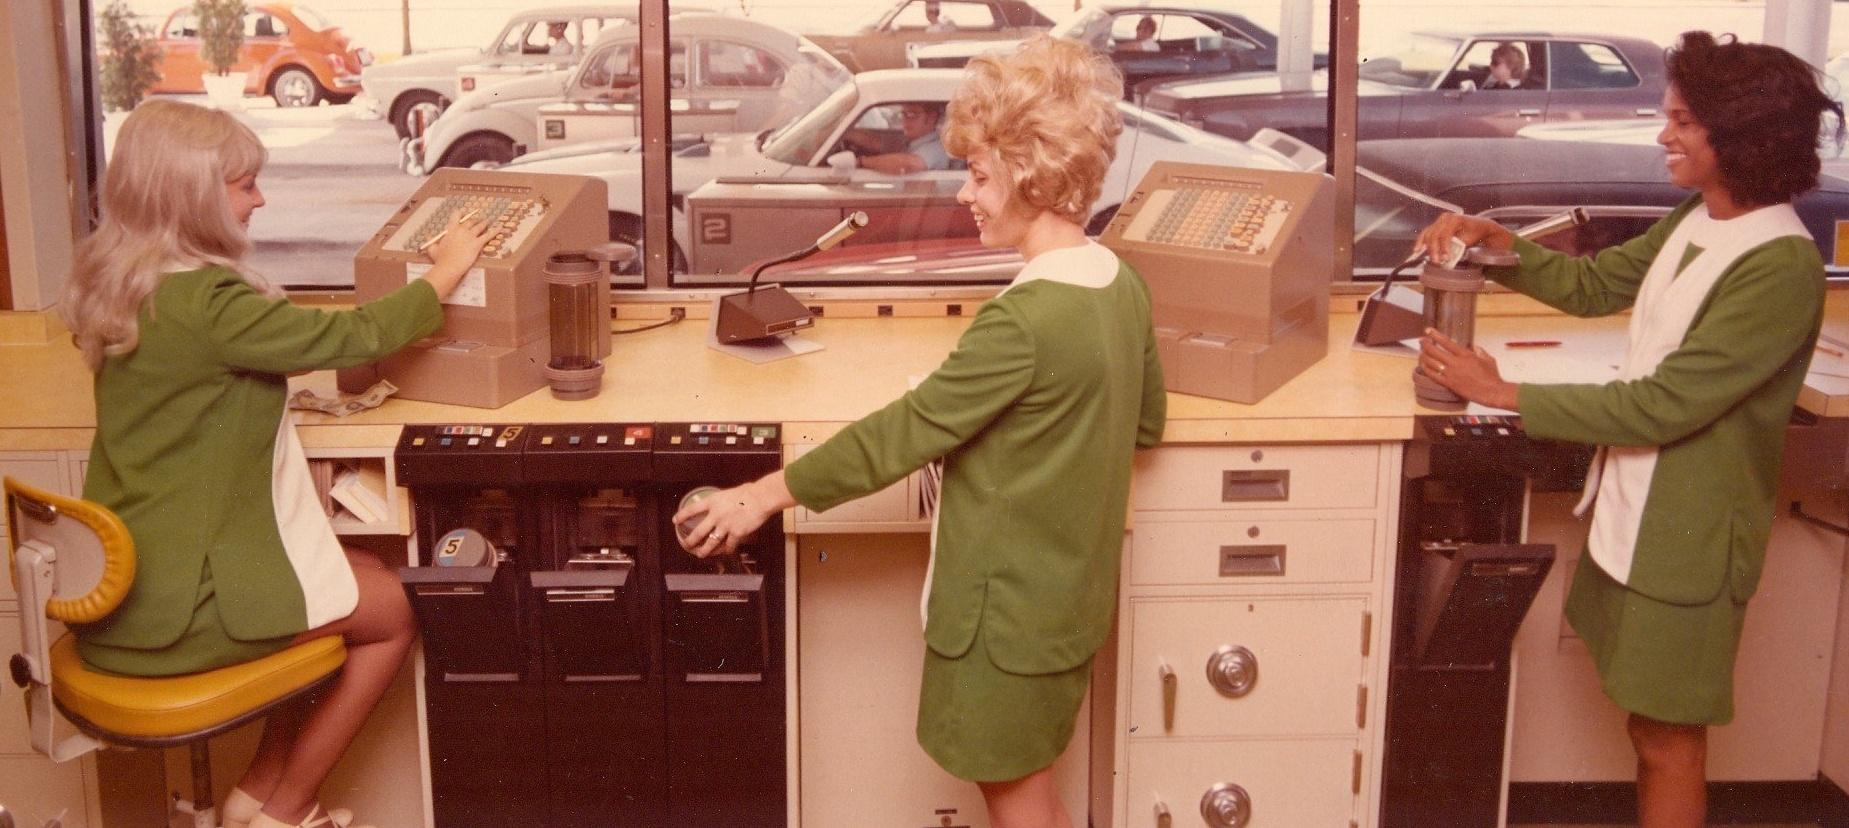 Colorado Driveup 1960s (1)--Seacoast-068962-edited